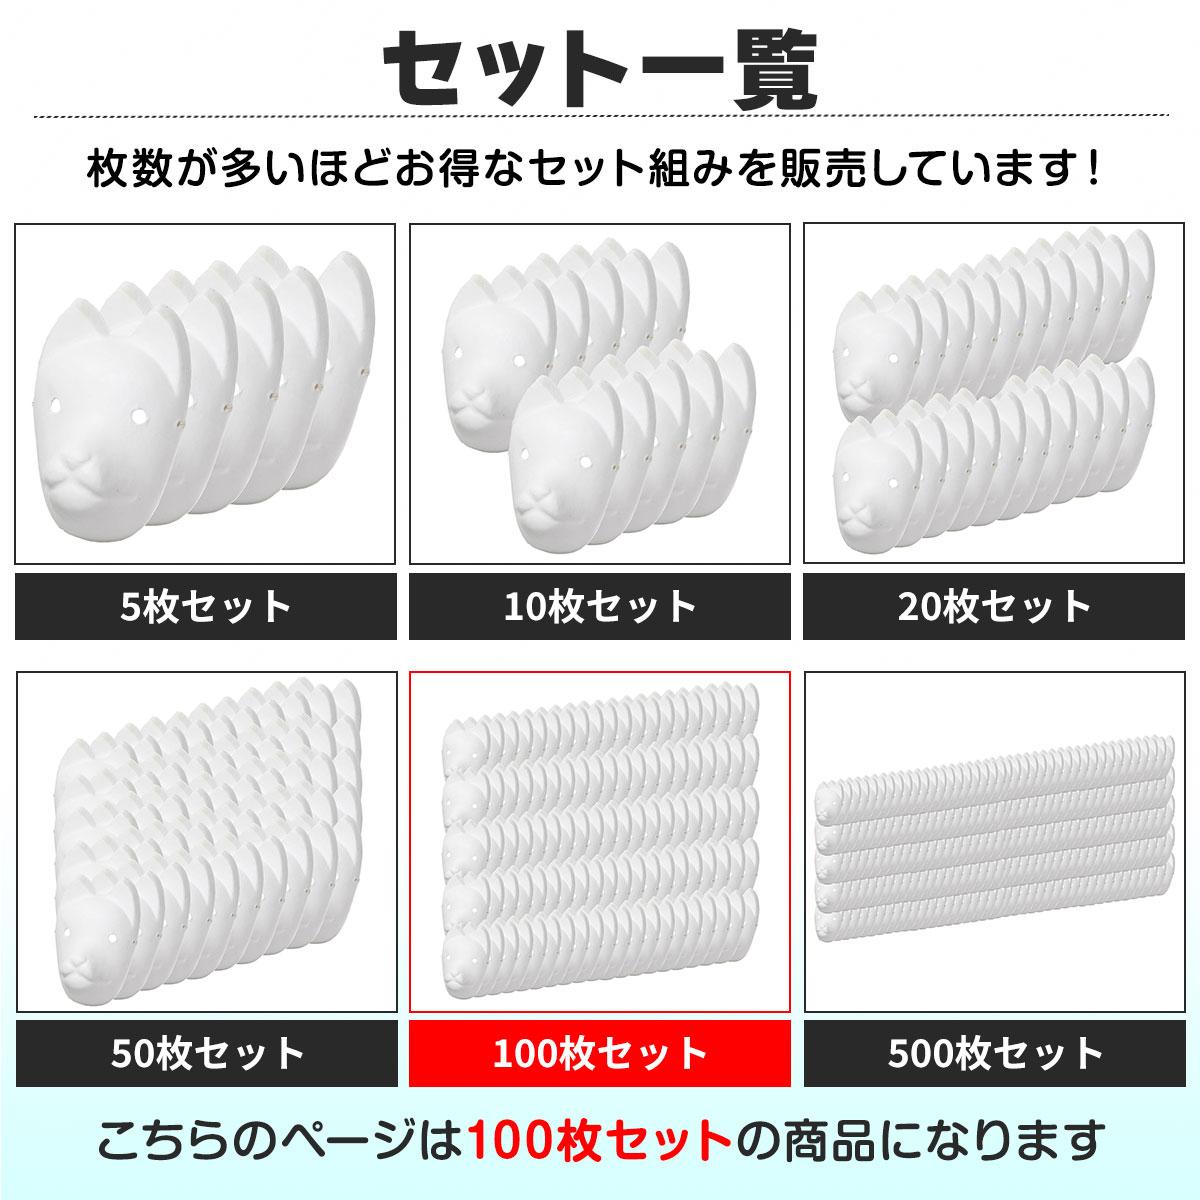 狐面 お面 狐 キツネ 無地 マスク 紙パルプ製 小タイプ 100枚セット